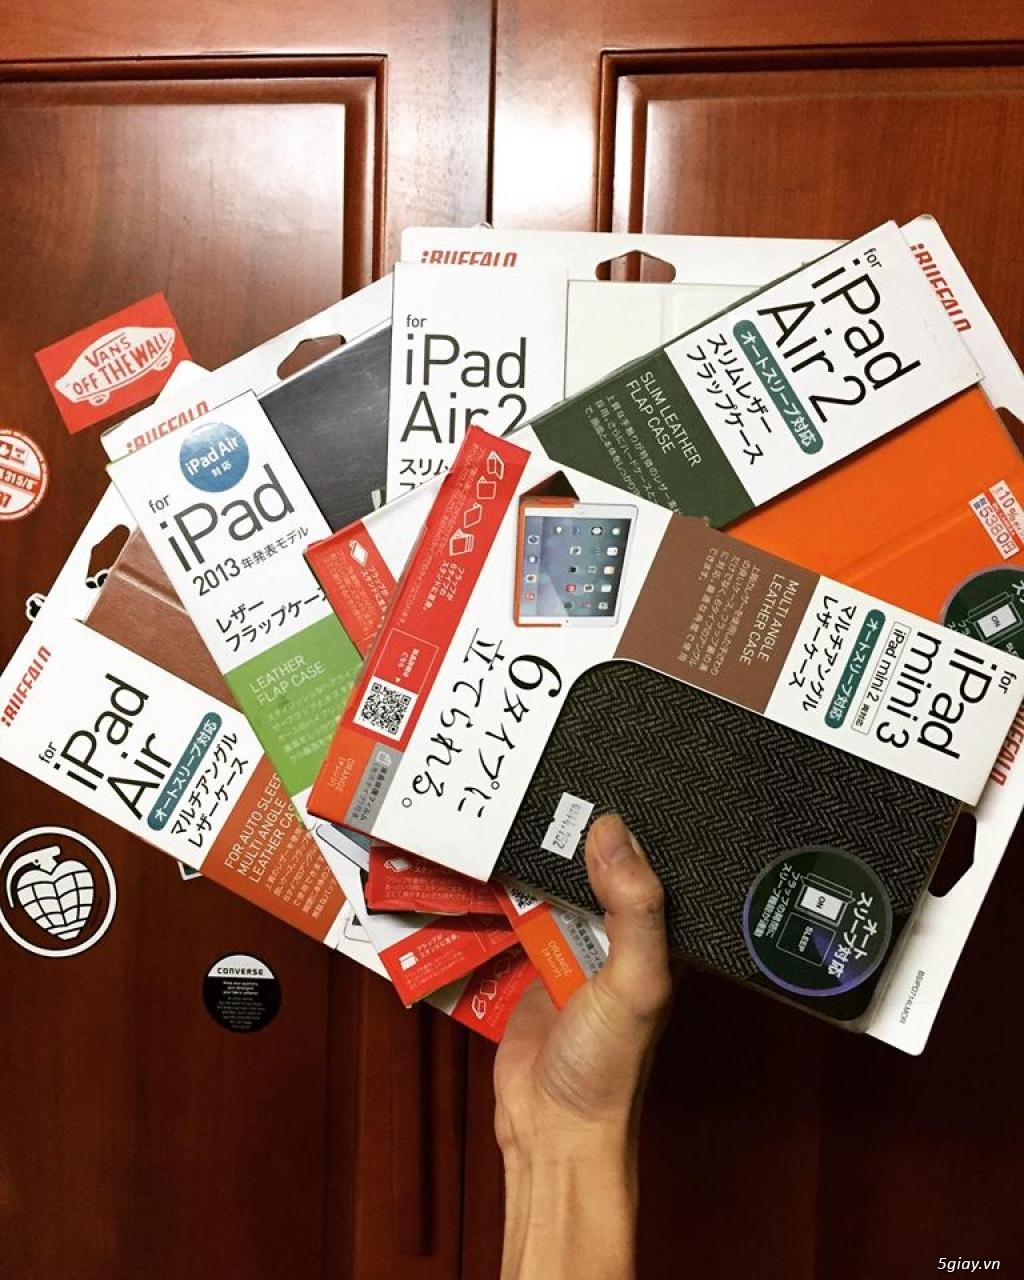 iCaseShop : Chuyên case iBuffalo Nhật Bản chính hãng cho iPad !!!